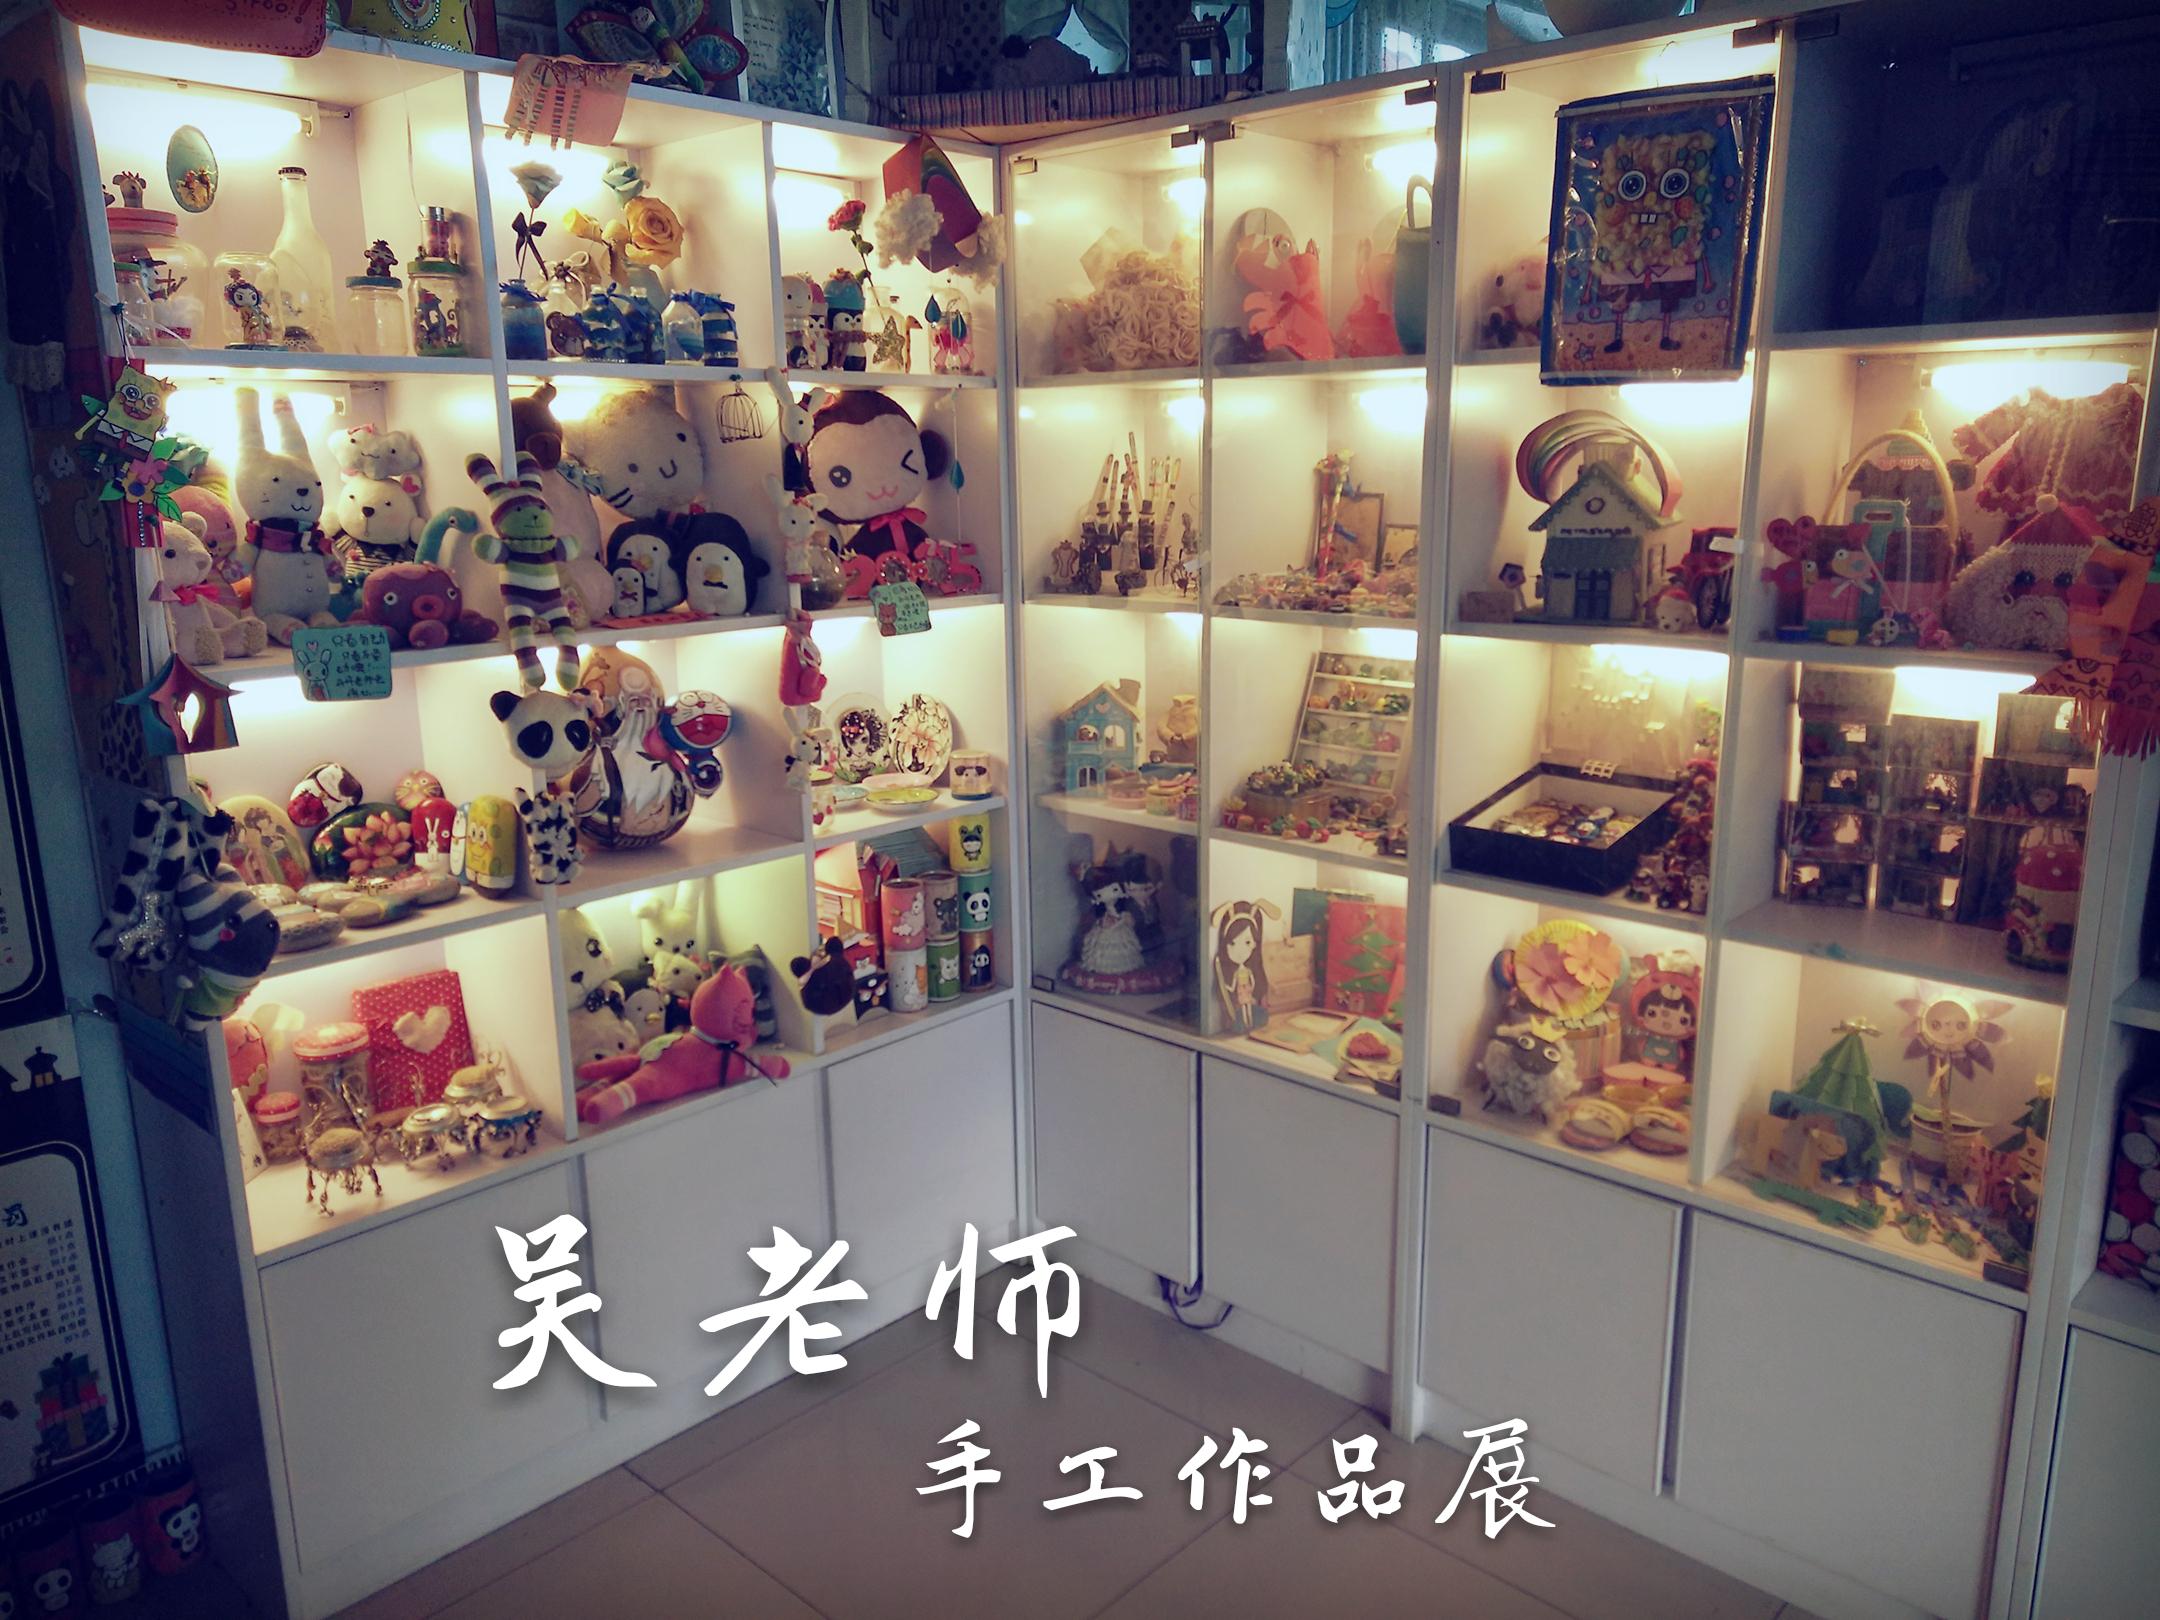 我的手工作品展示区 都是教学生做的手工展品